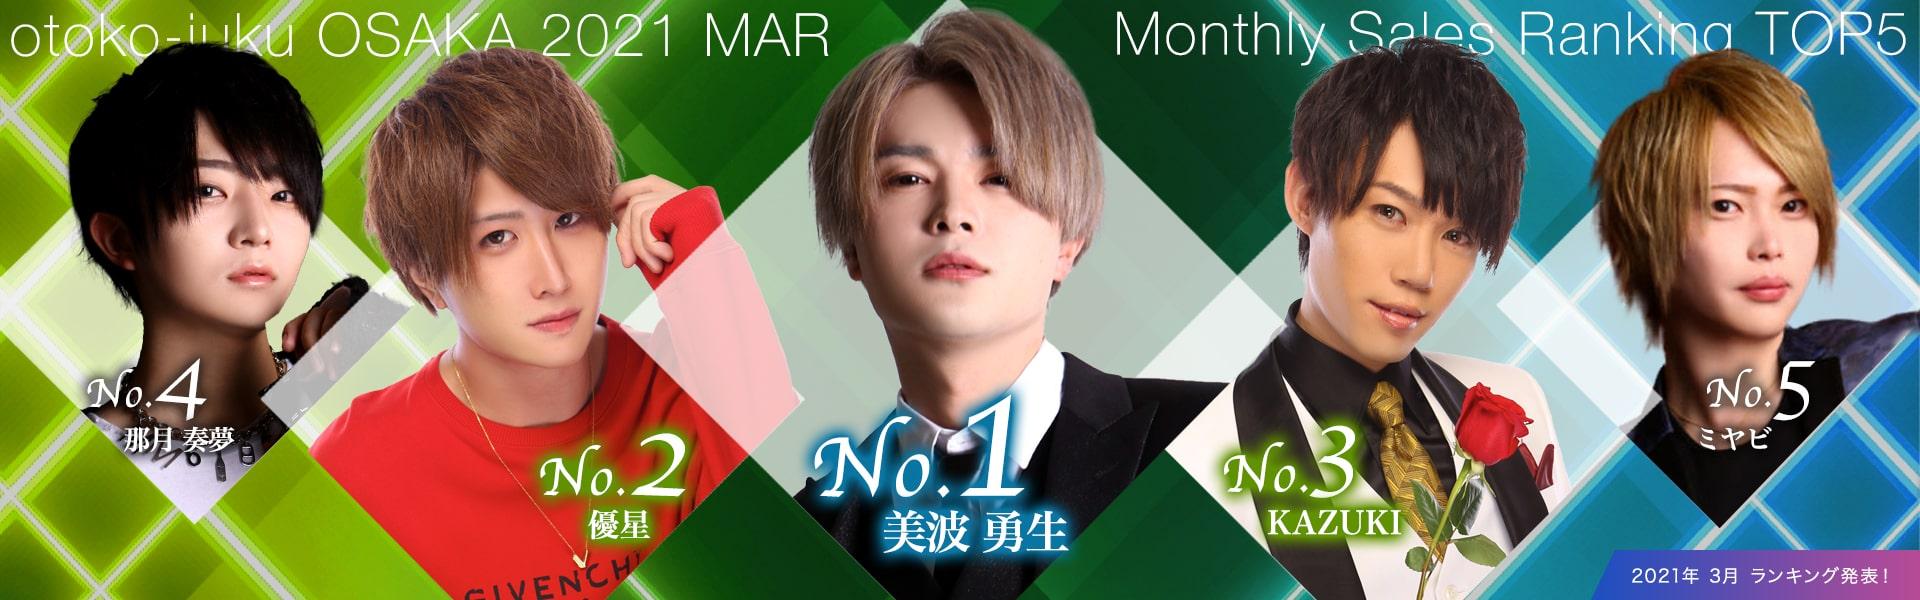 大阪男塾の3月のランキングバナー